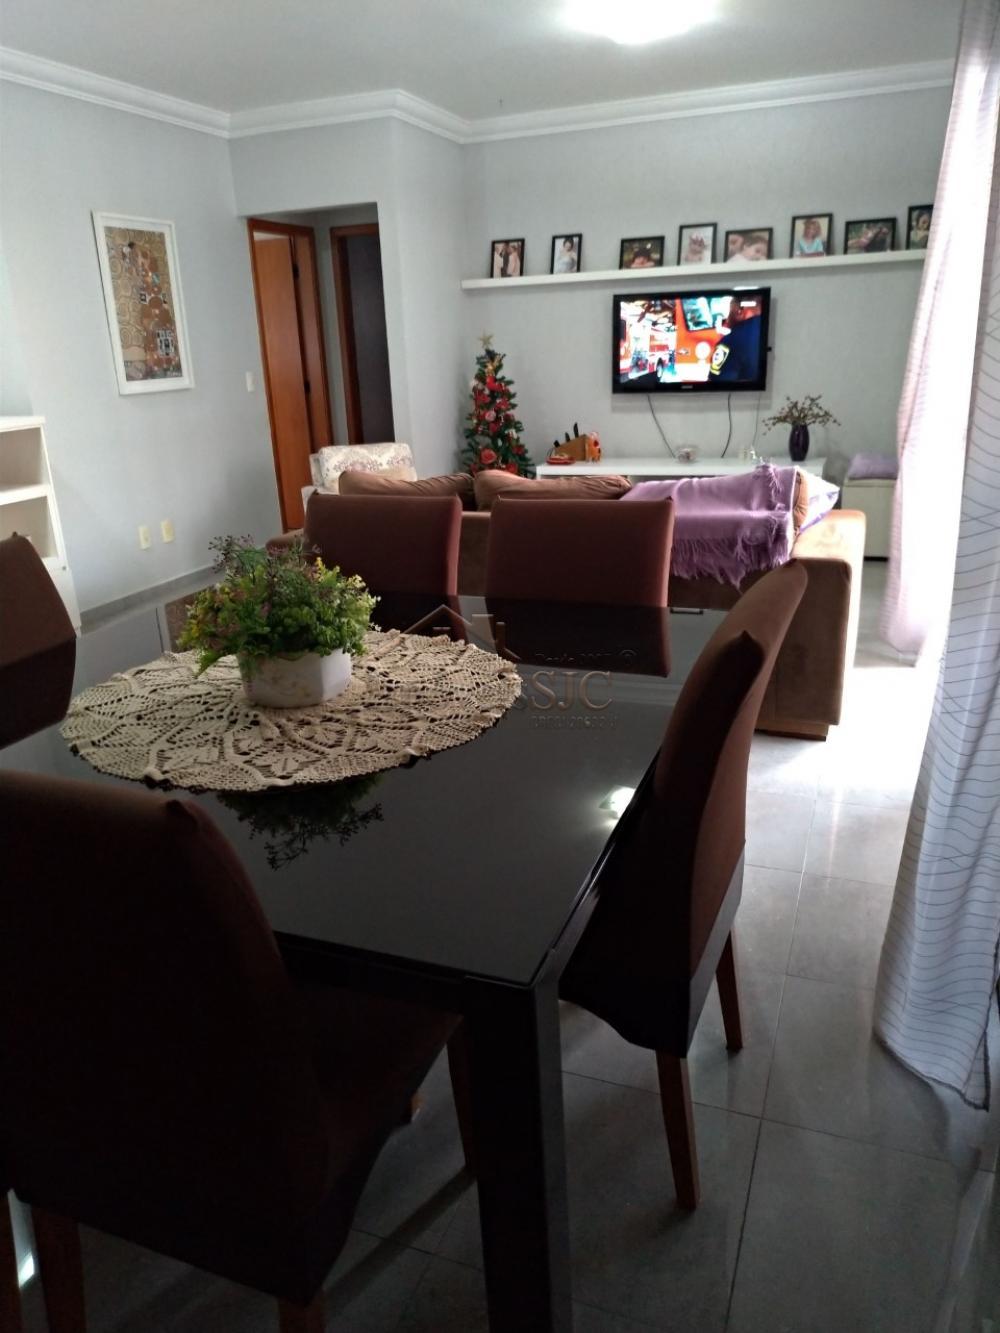 Comprar Apartamentos / Padrão em São José dos Campos apenas R$ 660.000,00 - Foto 2